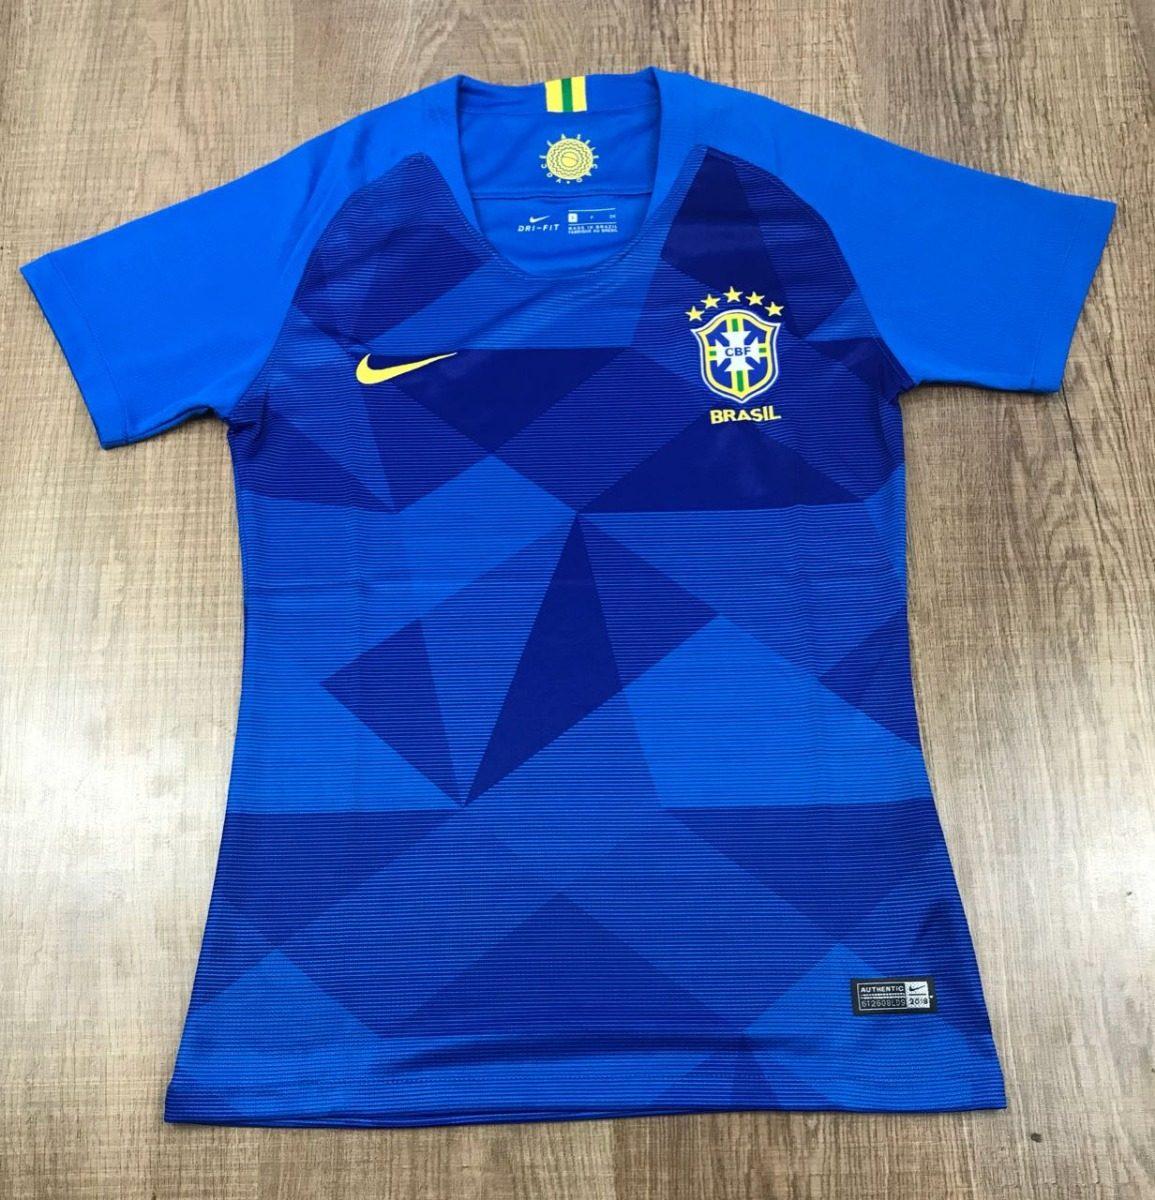 ... camisa feminina seleção brasileira de futebol 2018 promoção. Carregando  zoom. bf8eb5befff6a4 ... 3211351e90eae